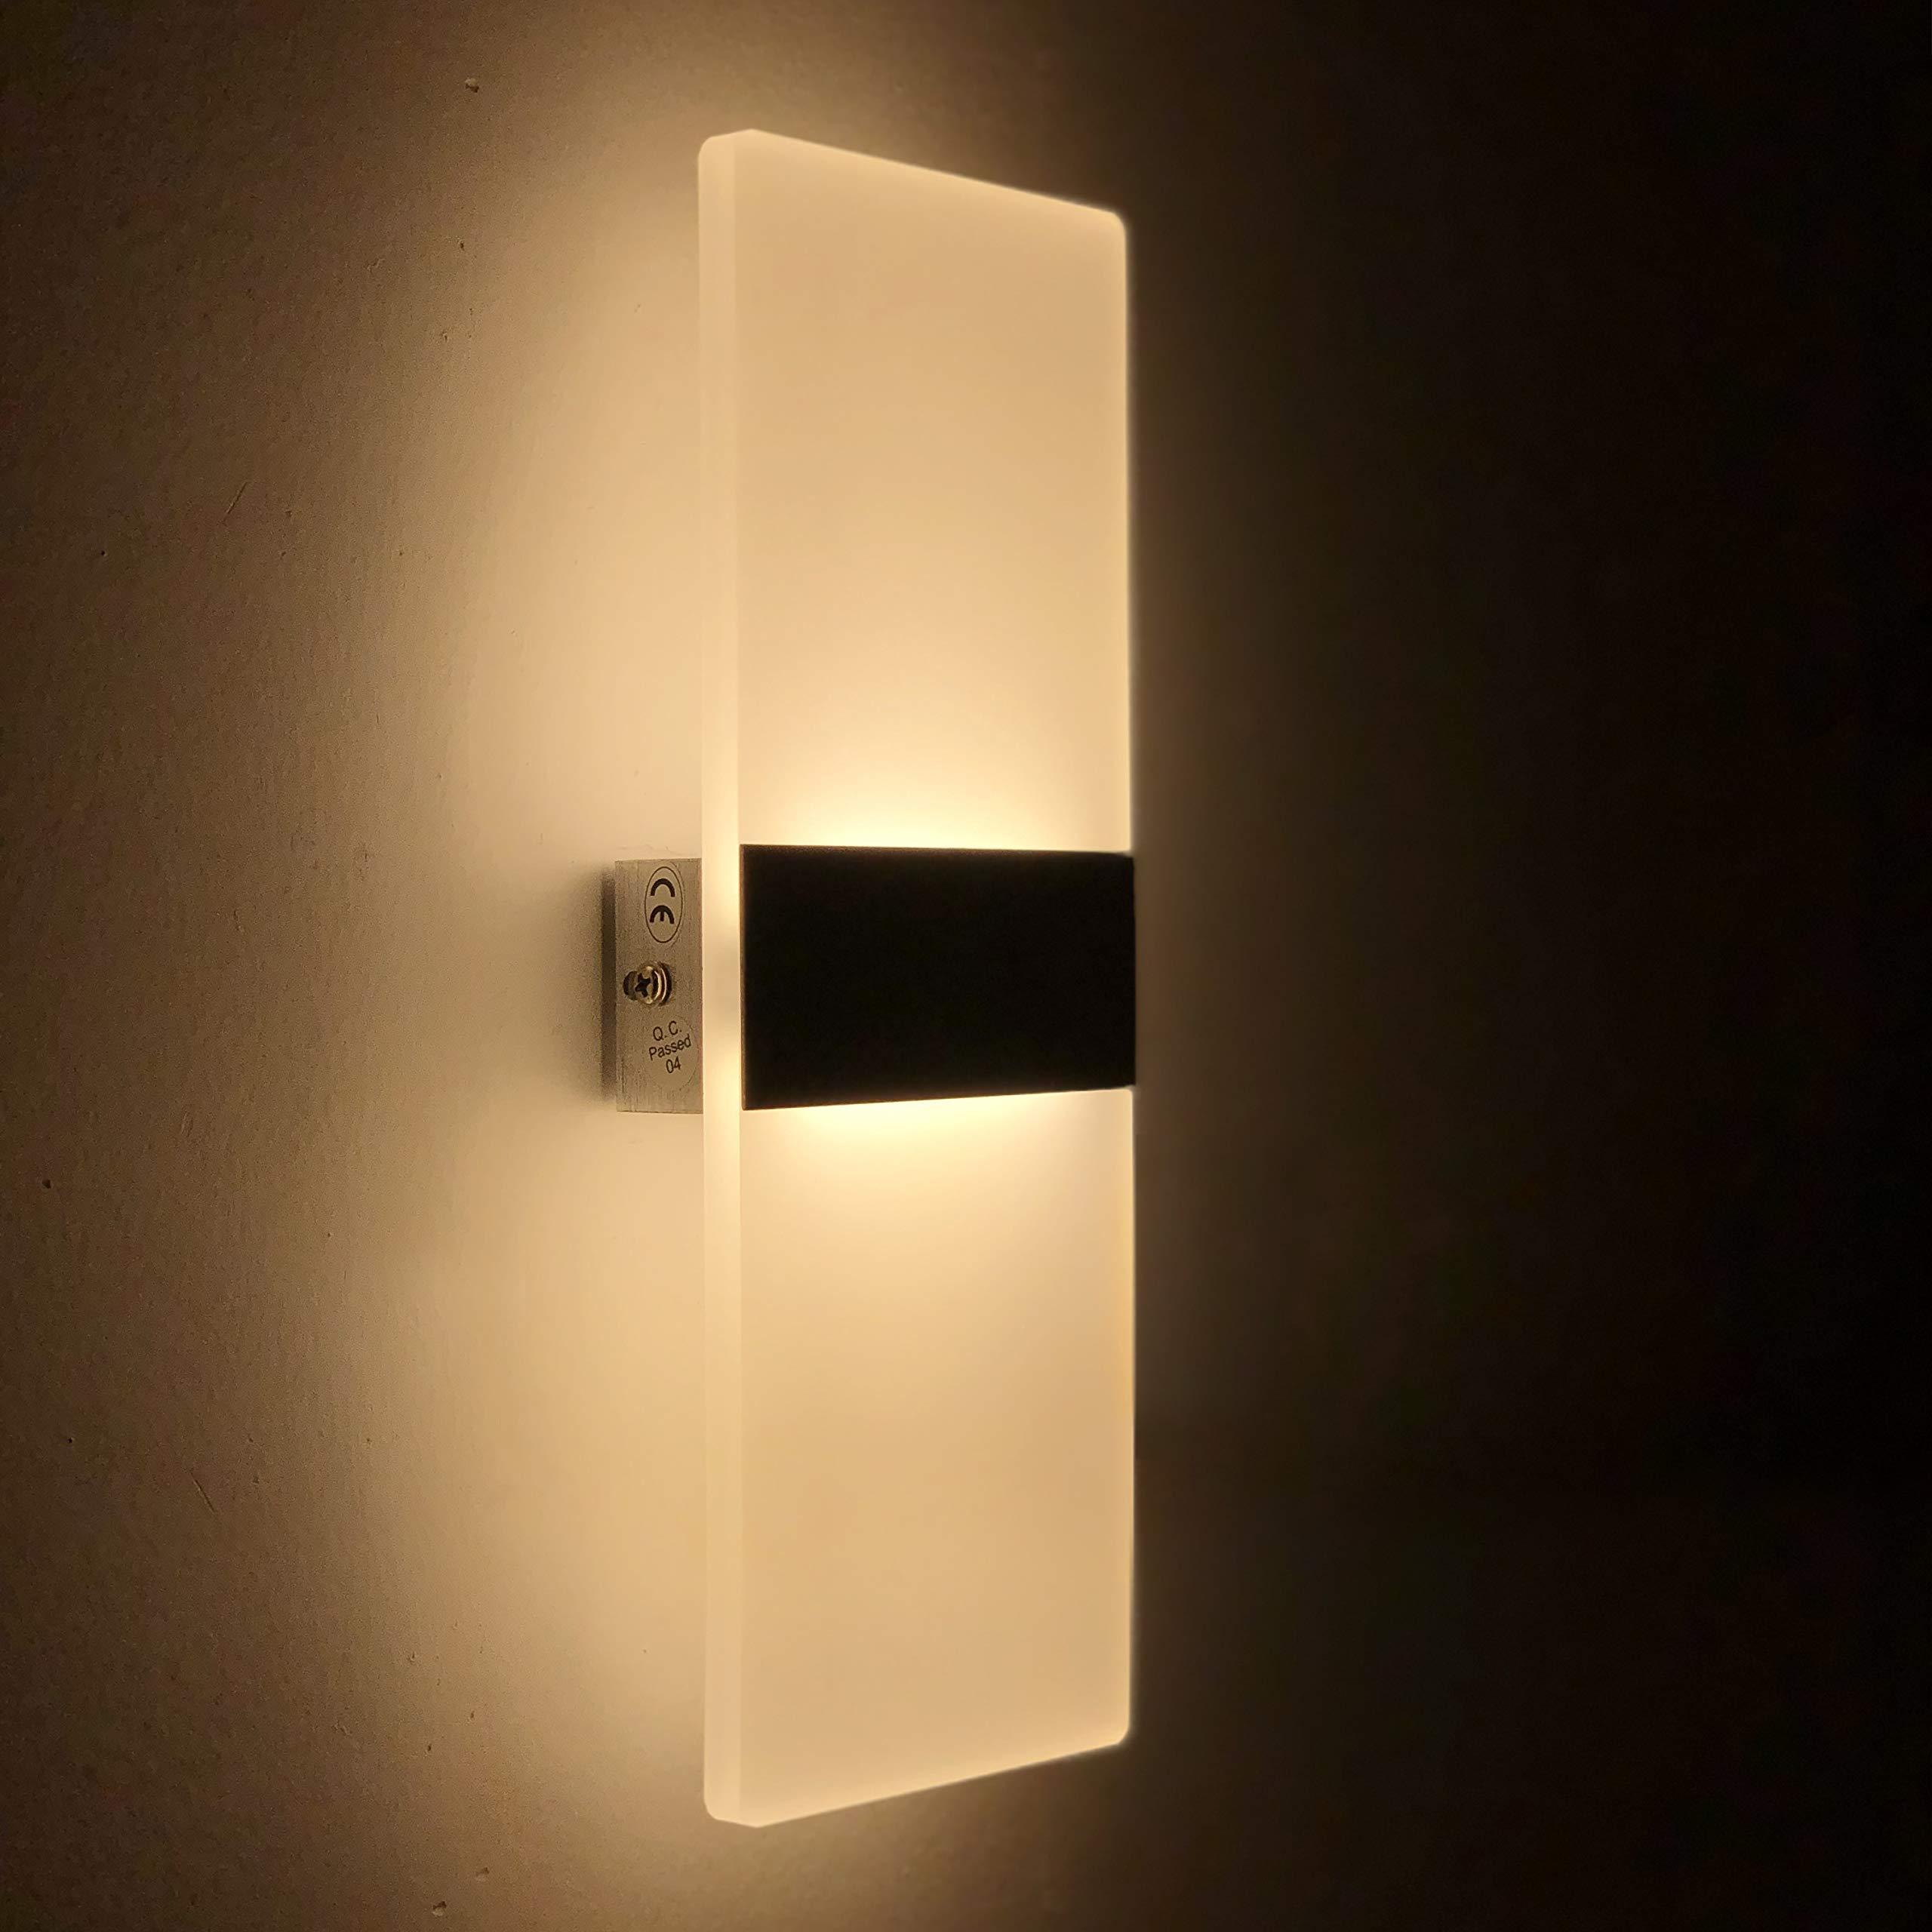 Luxus Treppenhaus Stoff Wand Beleuchtung Schlaf Zimmer Lese Leuchte Nacht Licht